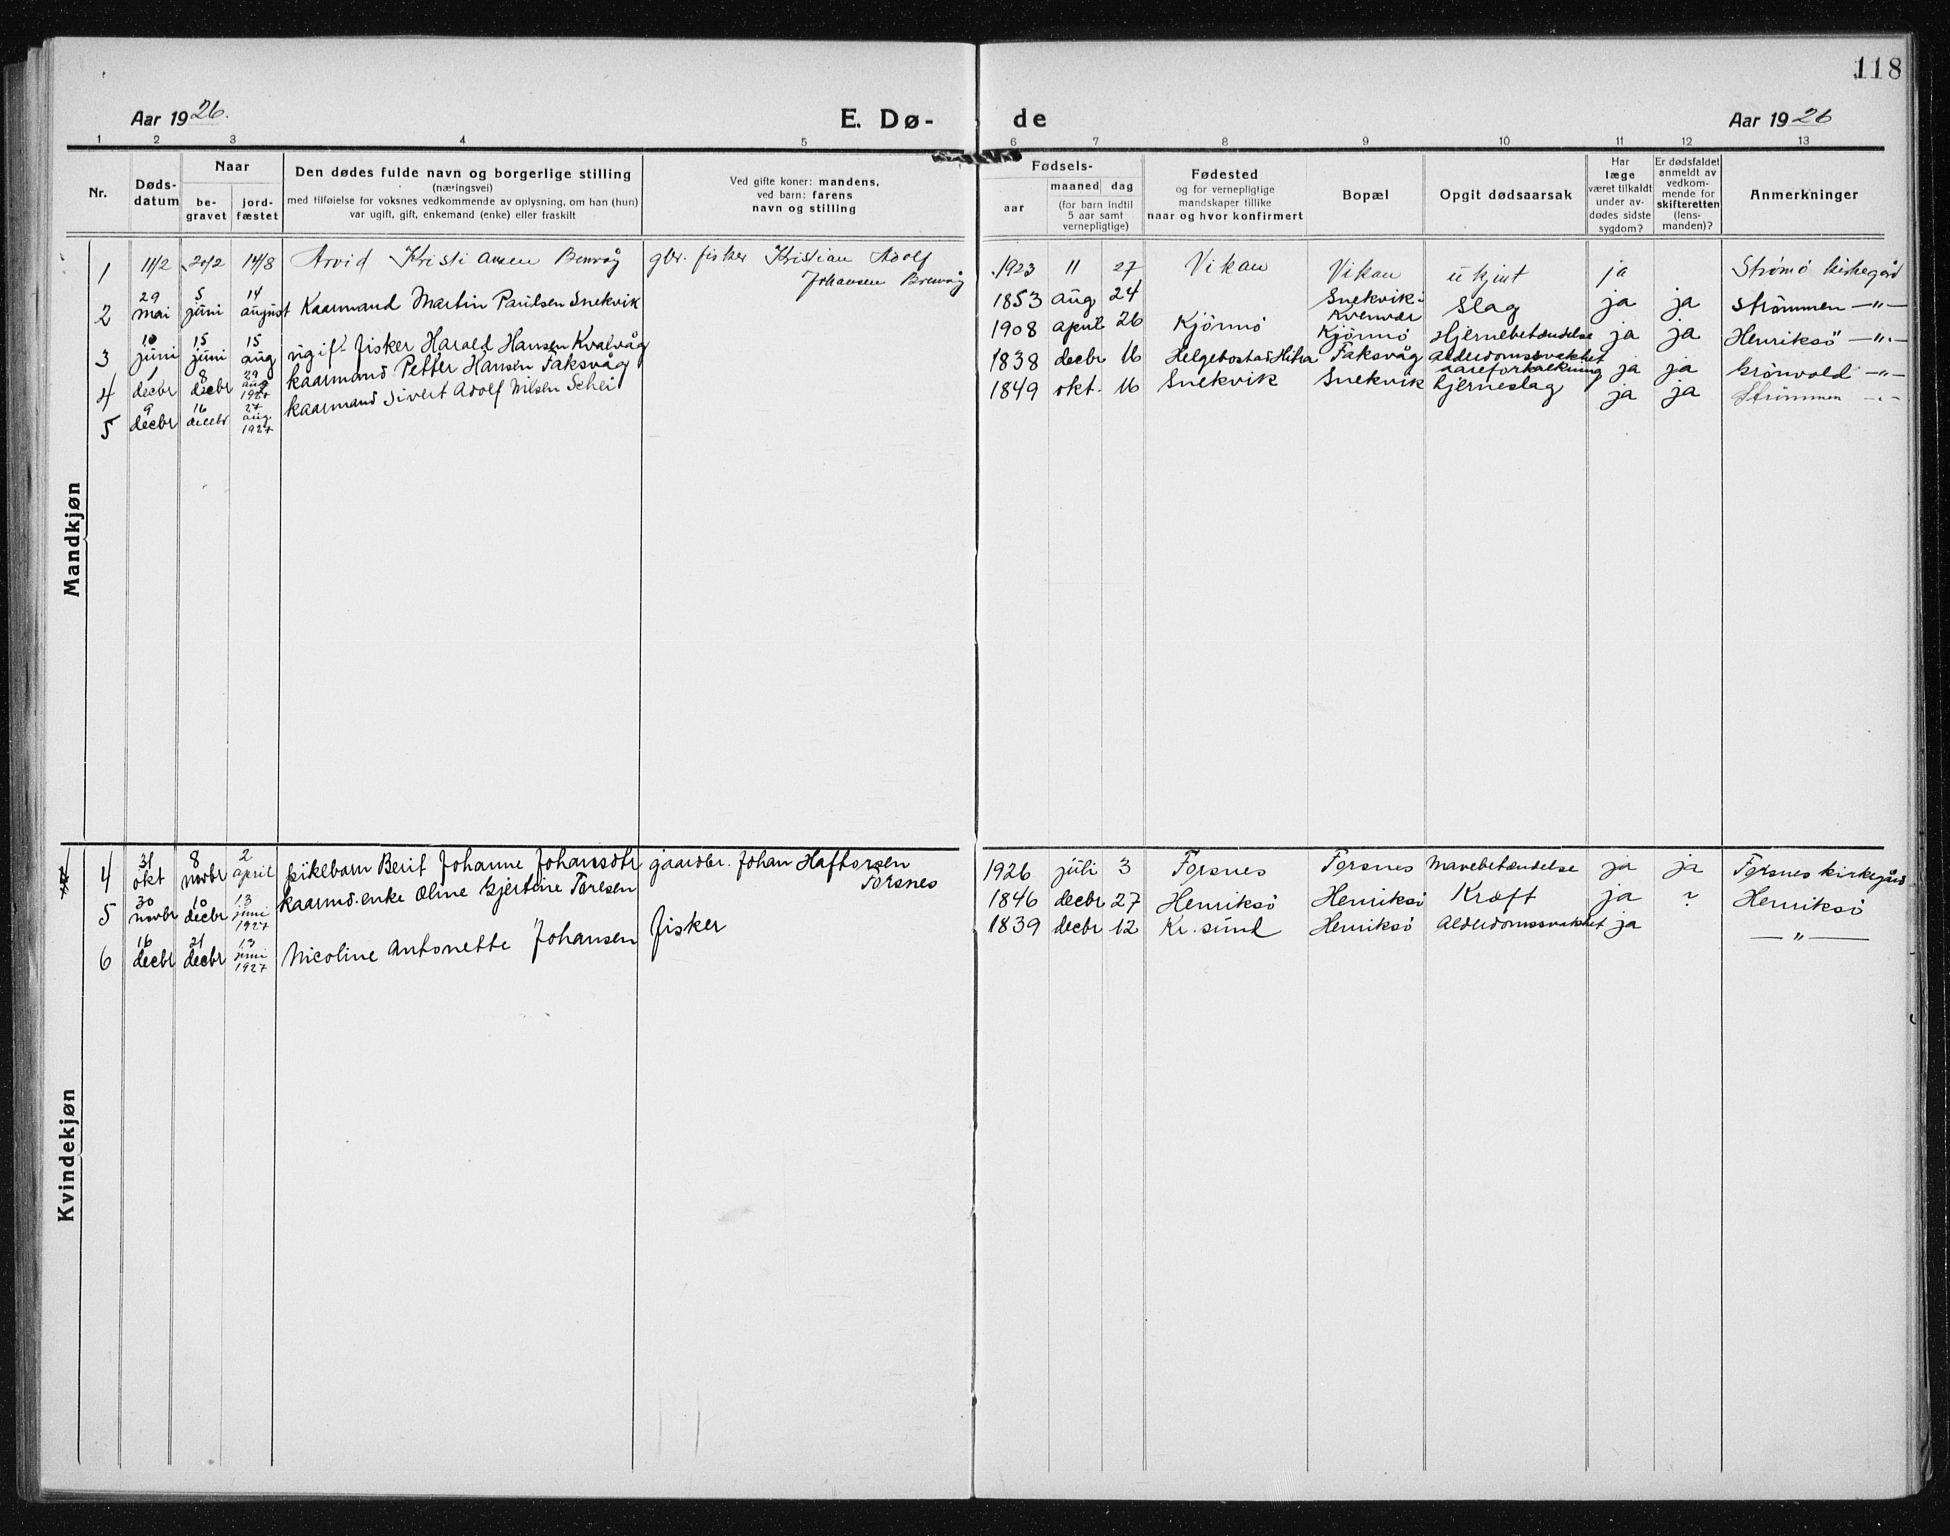 SAT, Ministerialprotokoller, klokkerbøker og fødselsregistre - Sør-Trøndelag, 635/L0554: Klokkerbok nr. 635C02, 1919-1942, s. 118